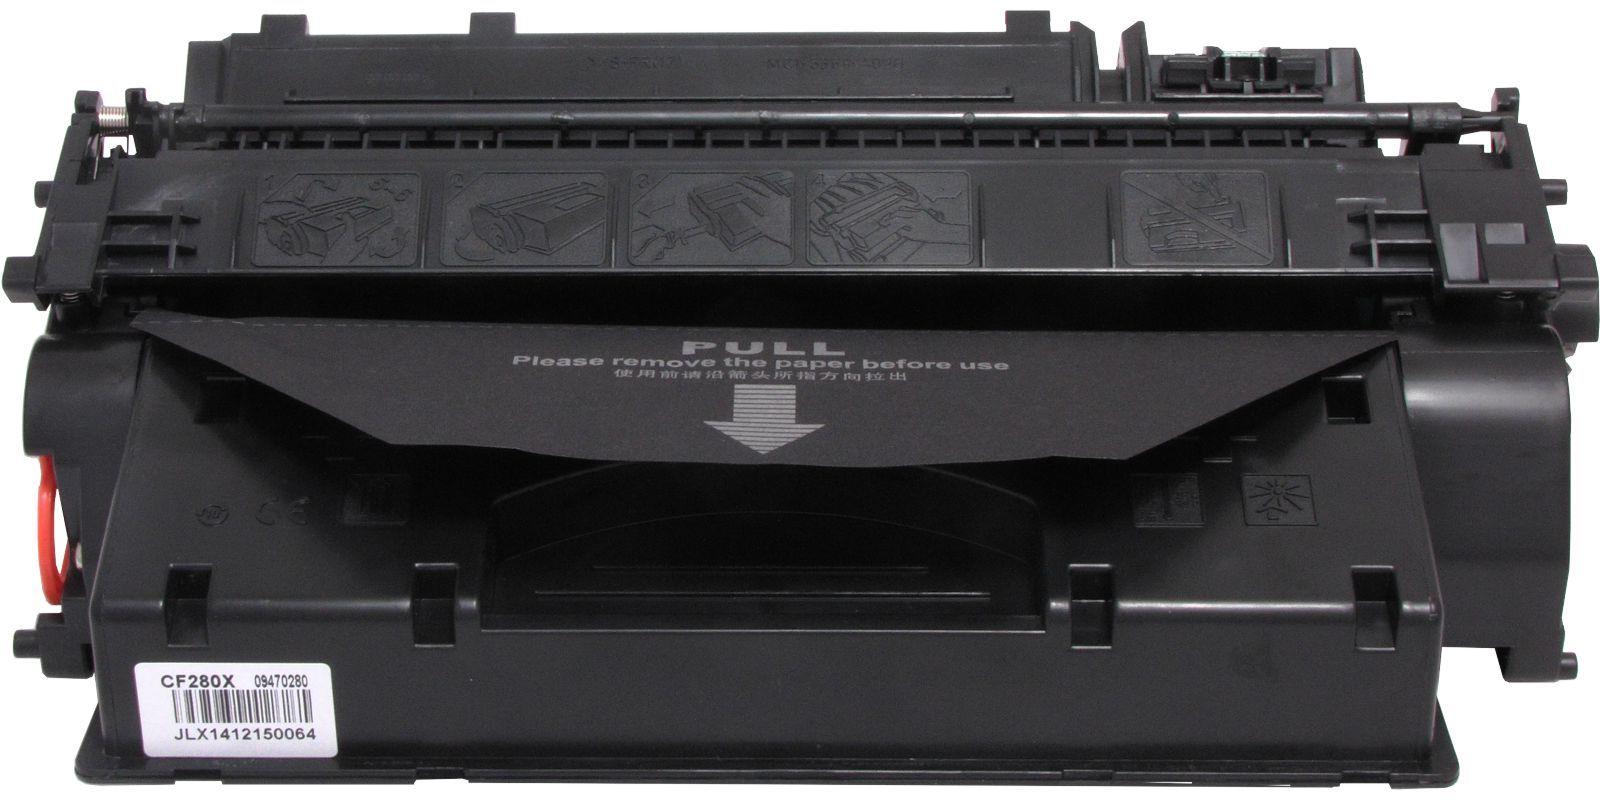 MAK №80X CF280X, черный, для HP, увеличенной емкости до 6500 стр.